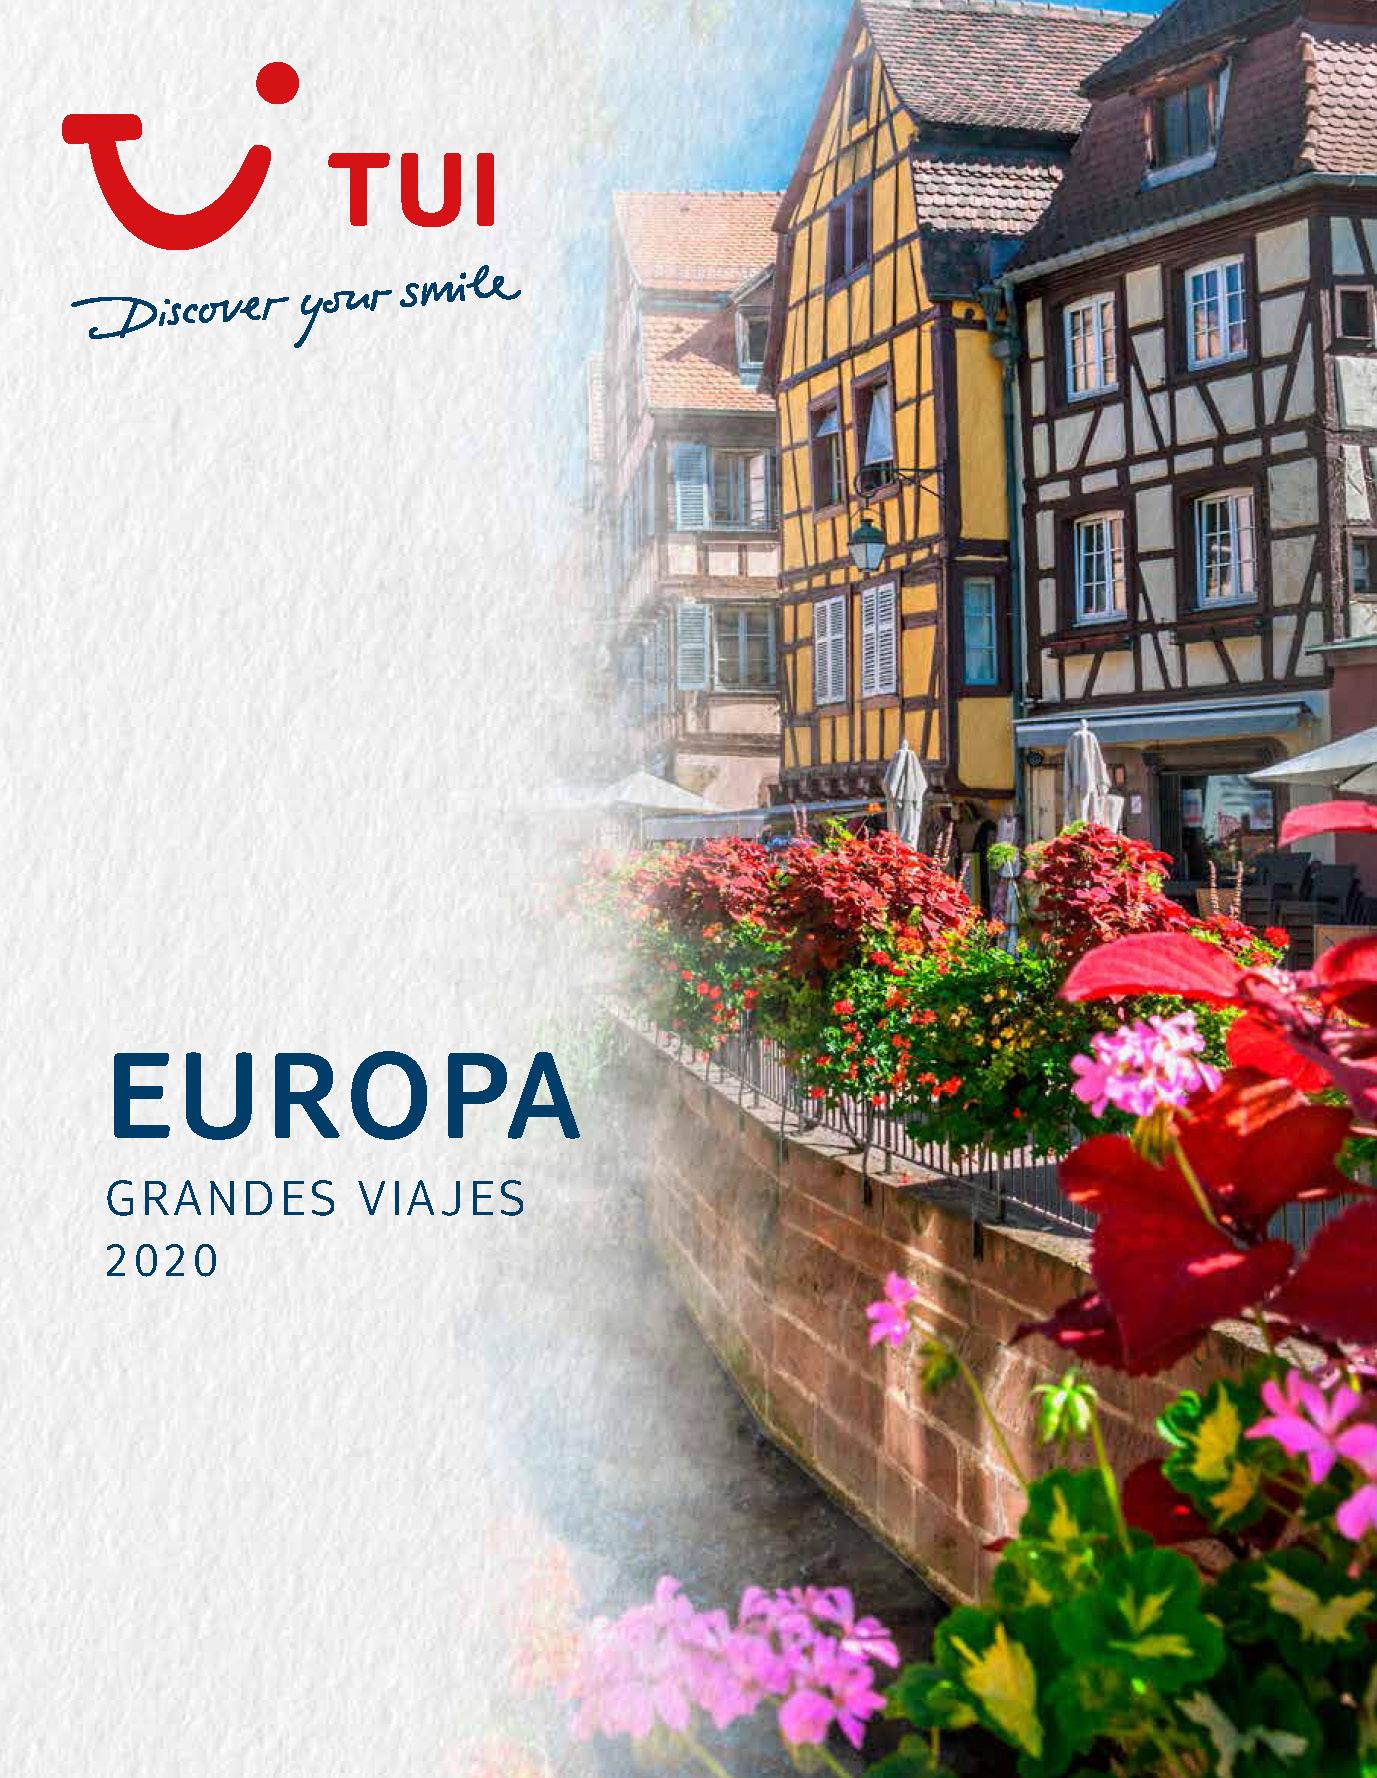 Catalogo TUI Ambassador Tours Europa 2020